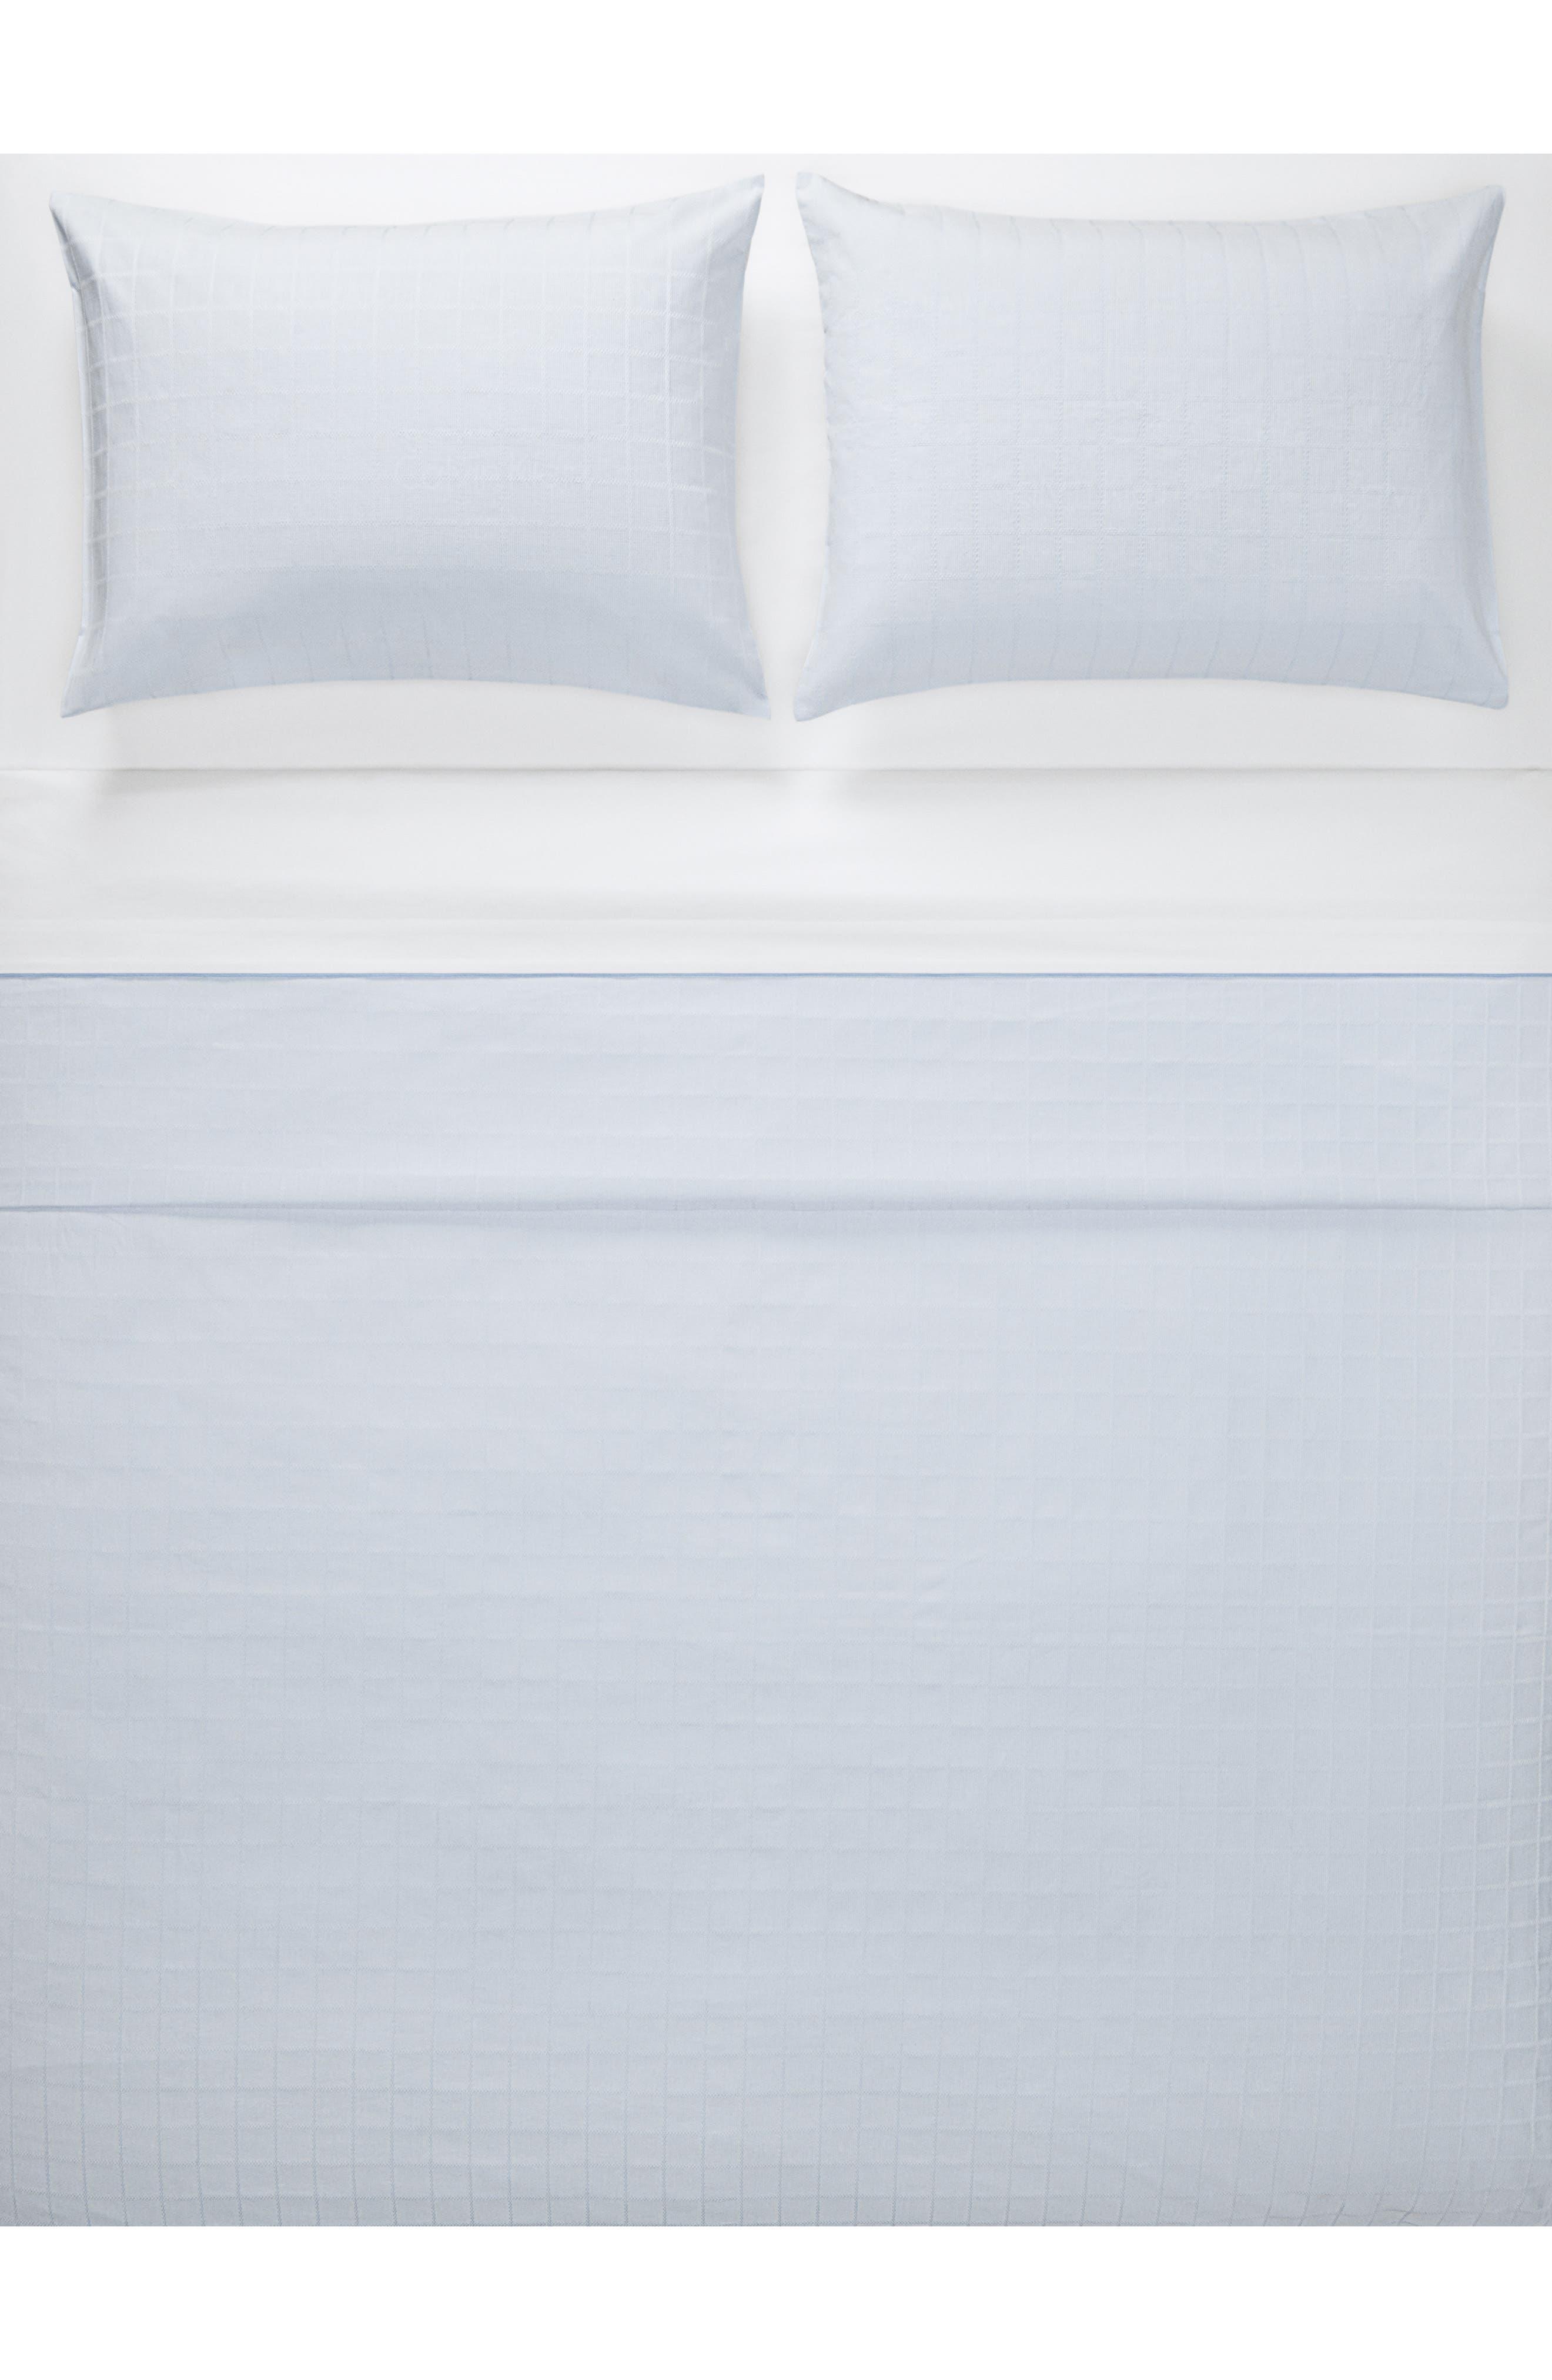 Allison Duvet Cover,                             Main thumbnail 1, color,                             WHITE/ LIGHT BLUE